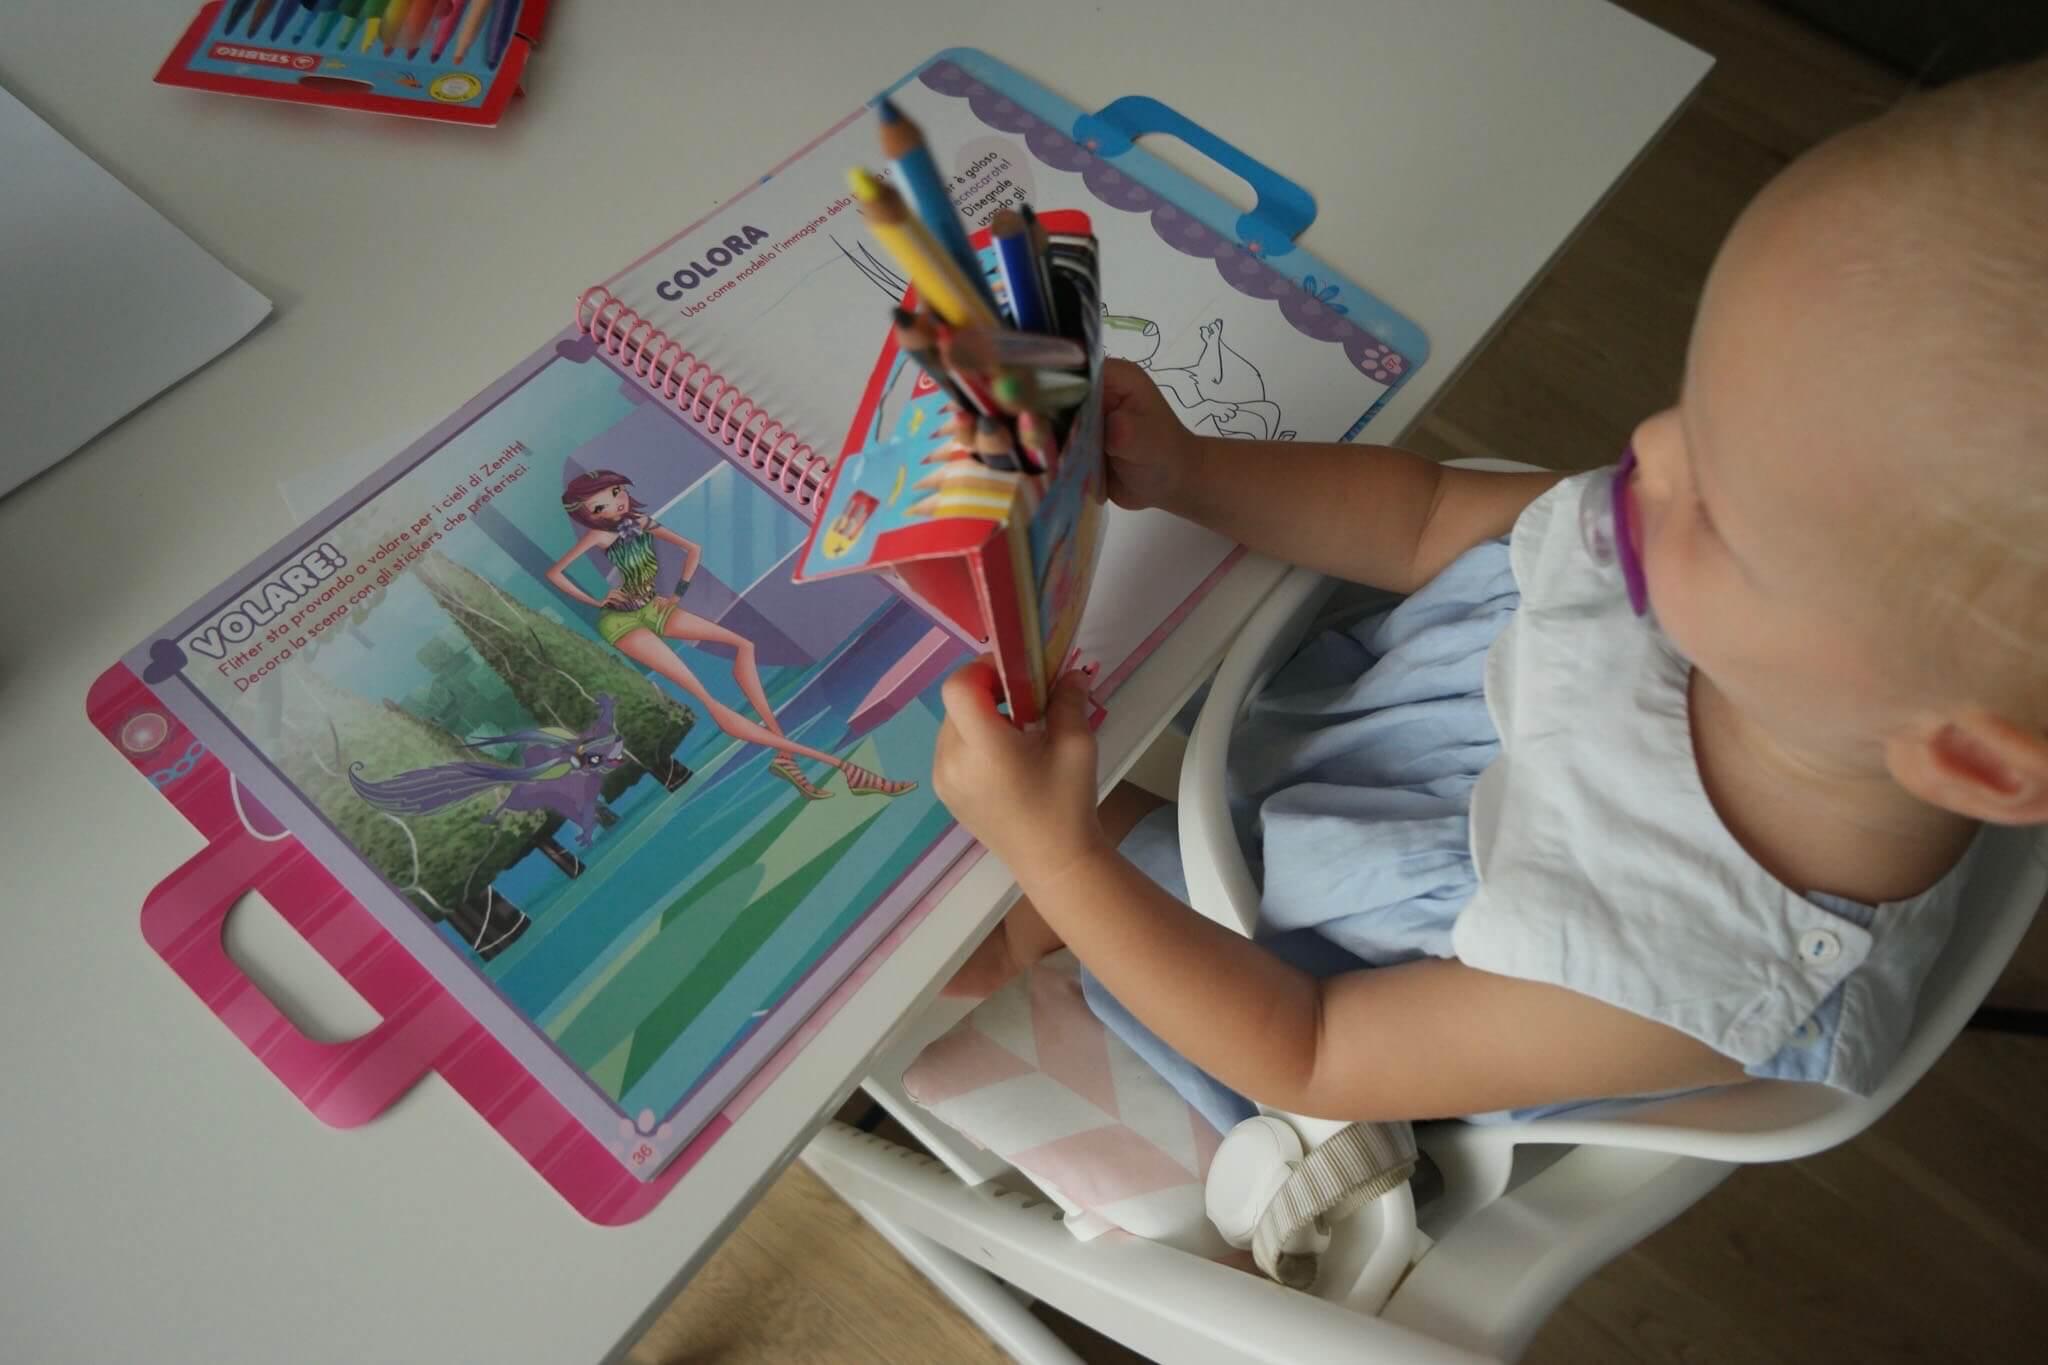 giochi-per-bambini-piccoli-6